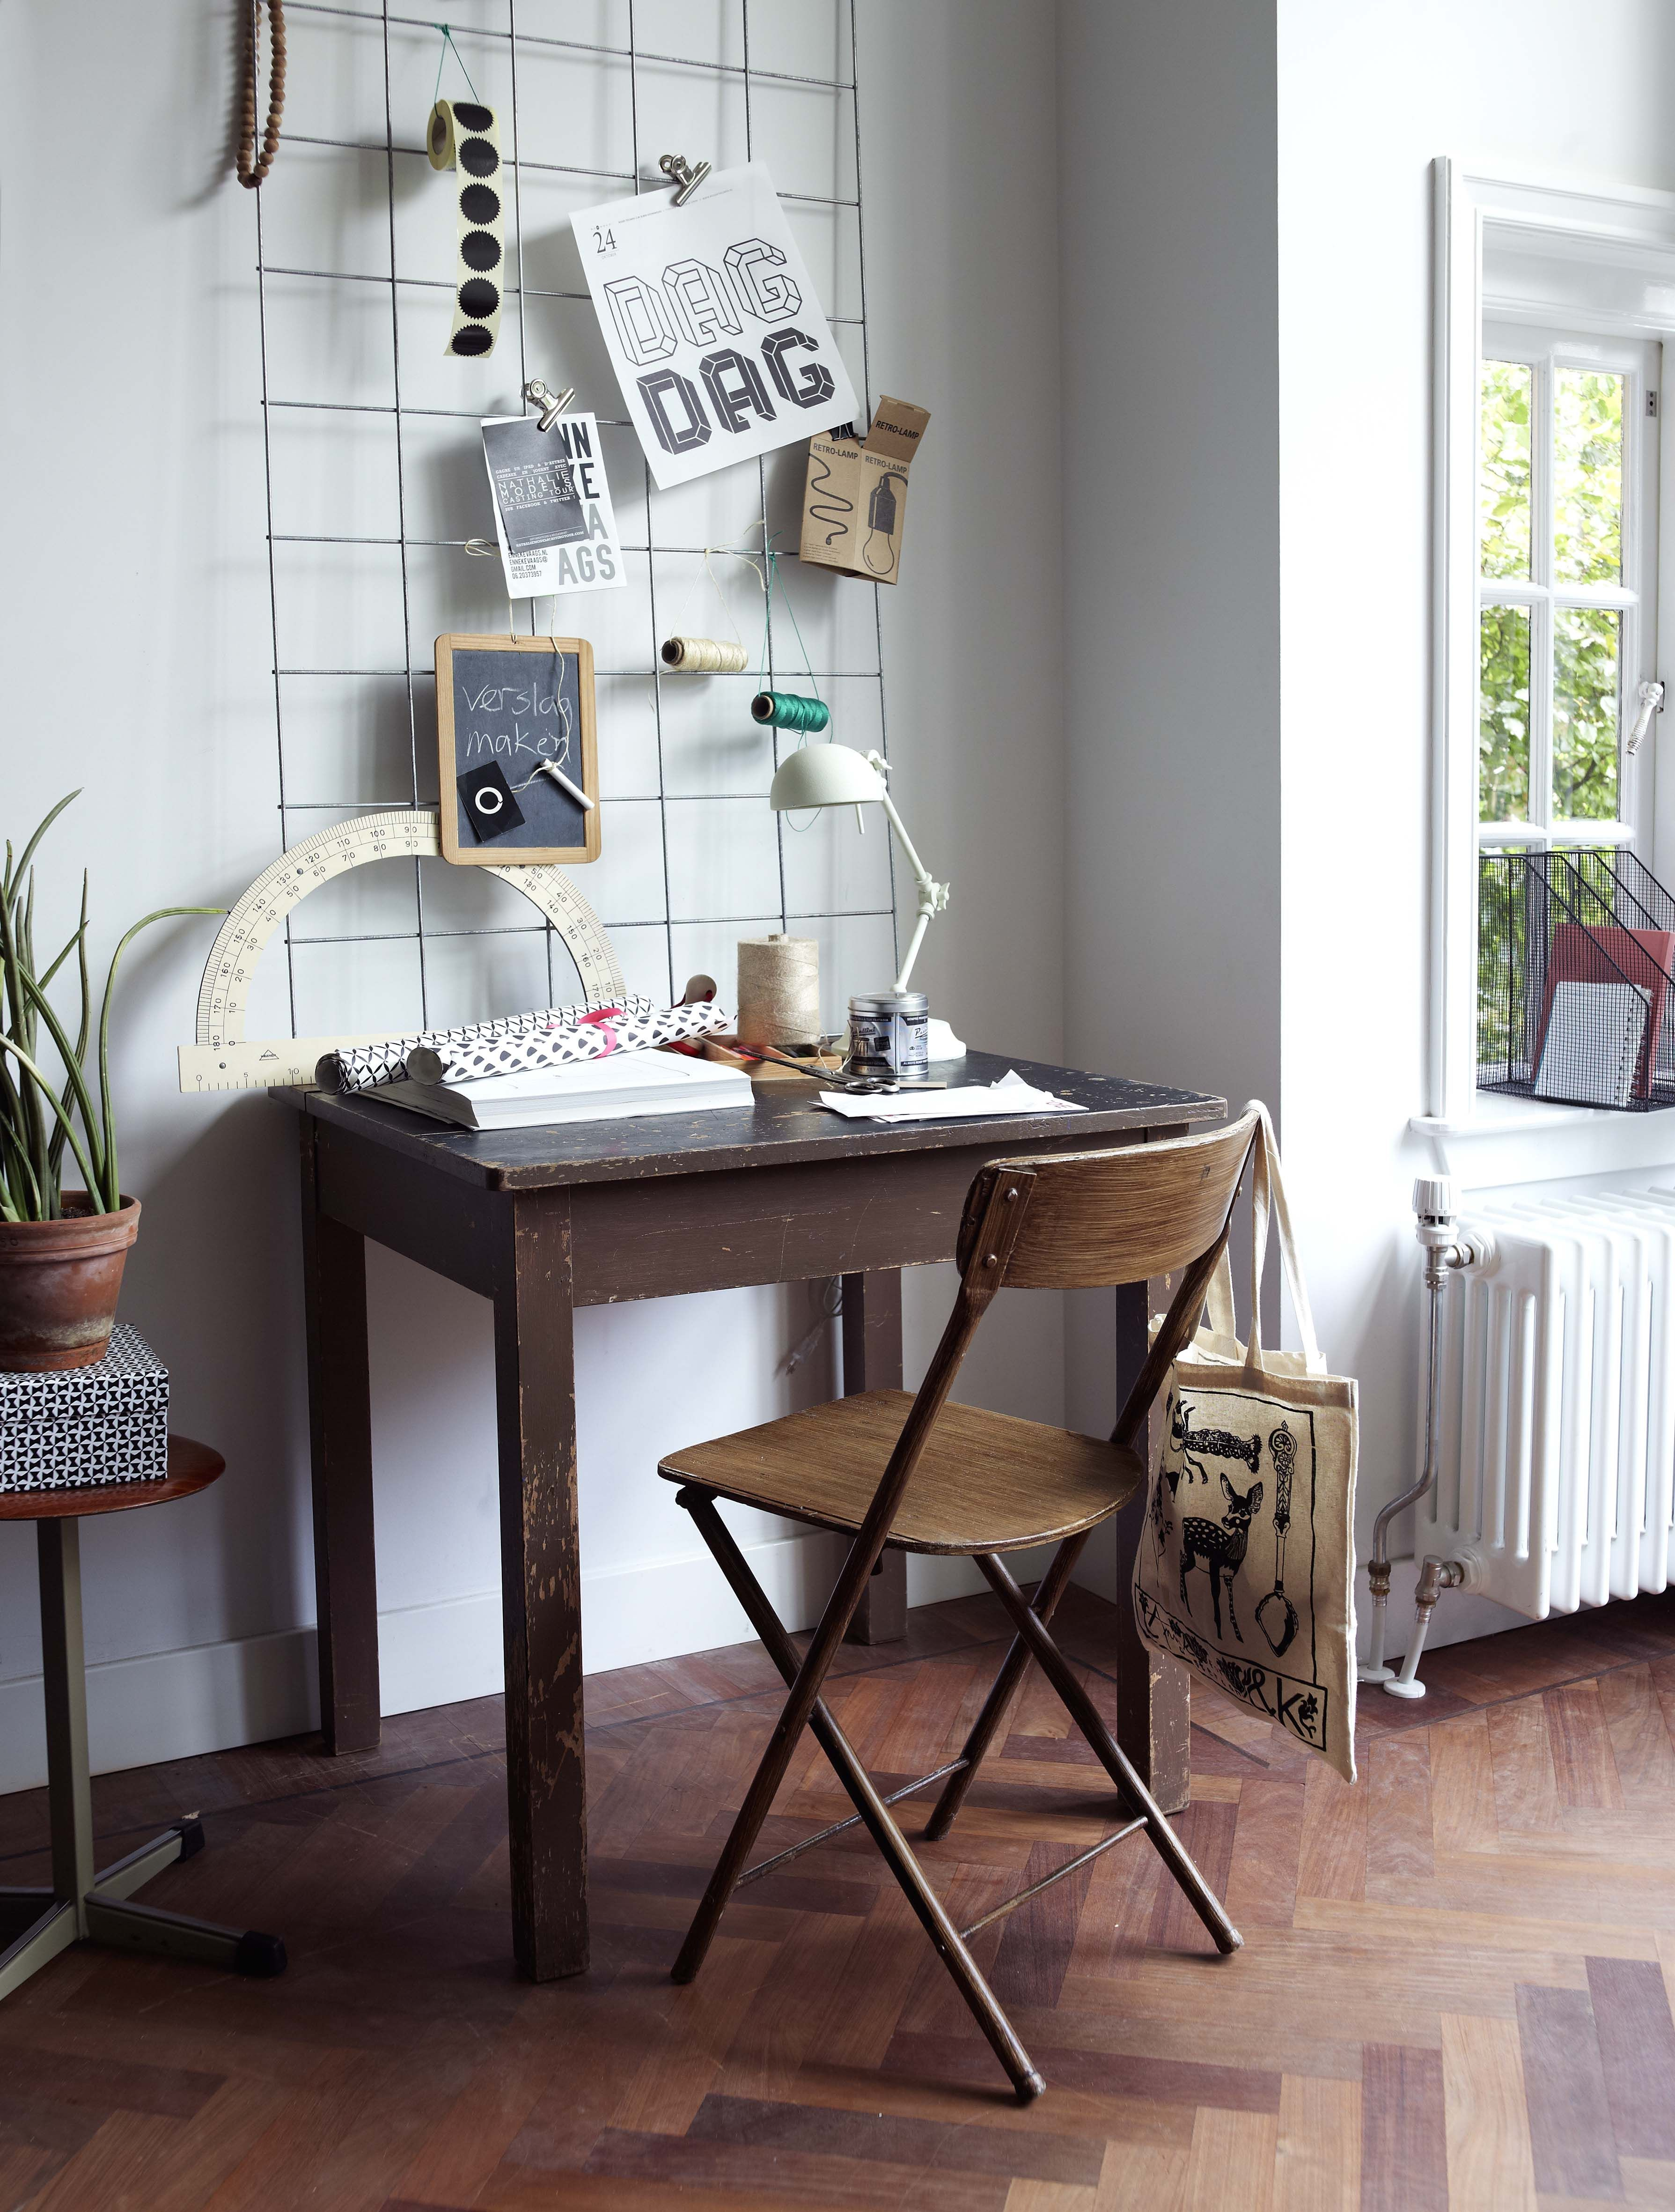 Wanddecoratie Kopen Karwei Thuis Diy Kantoor Aan Huis Decor Interieur Kantoor